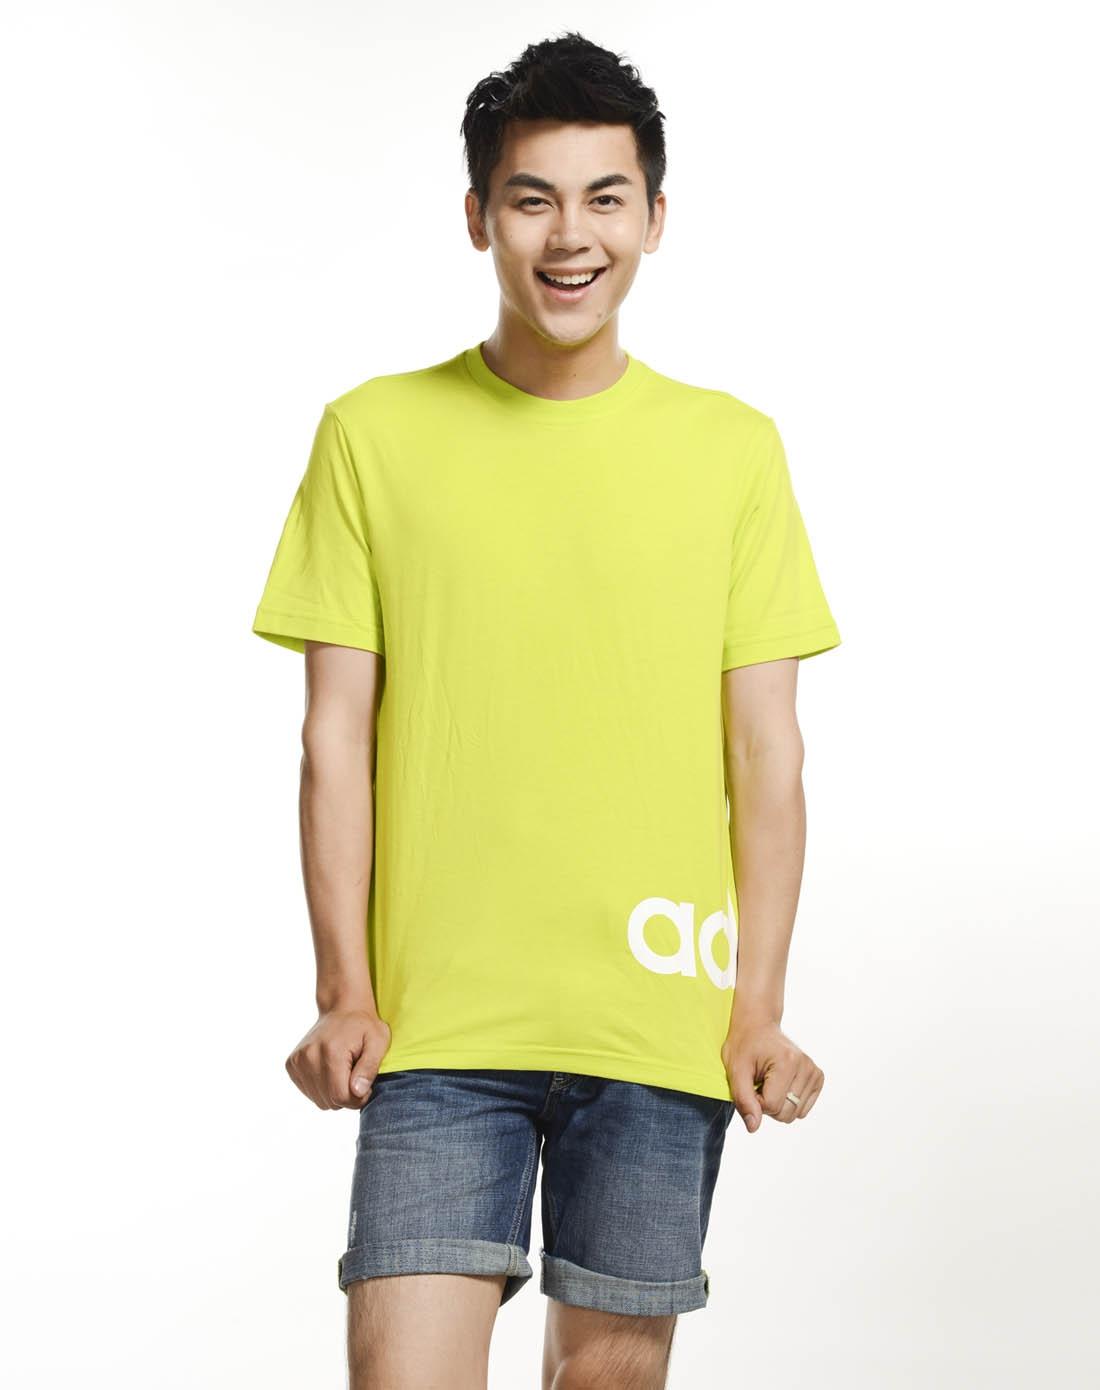 男子荧光绿短袖t恤